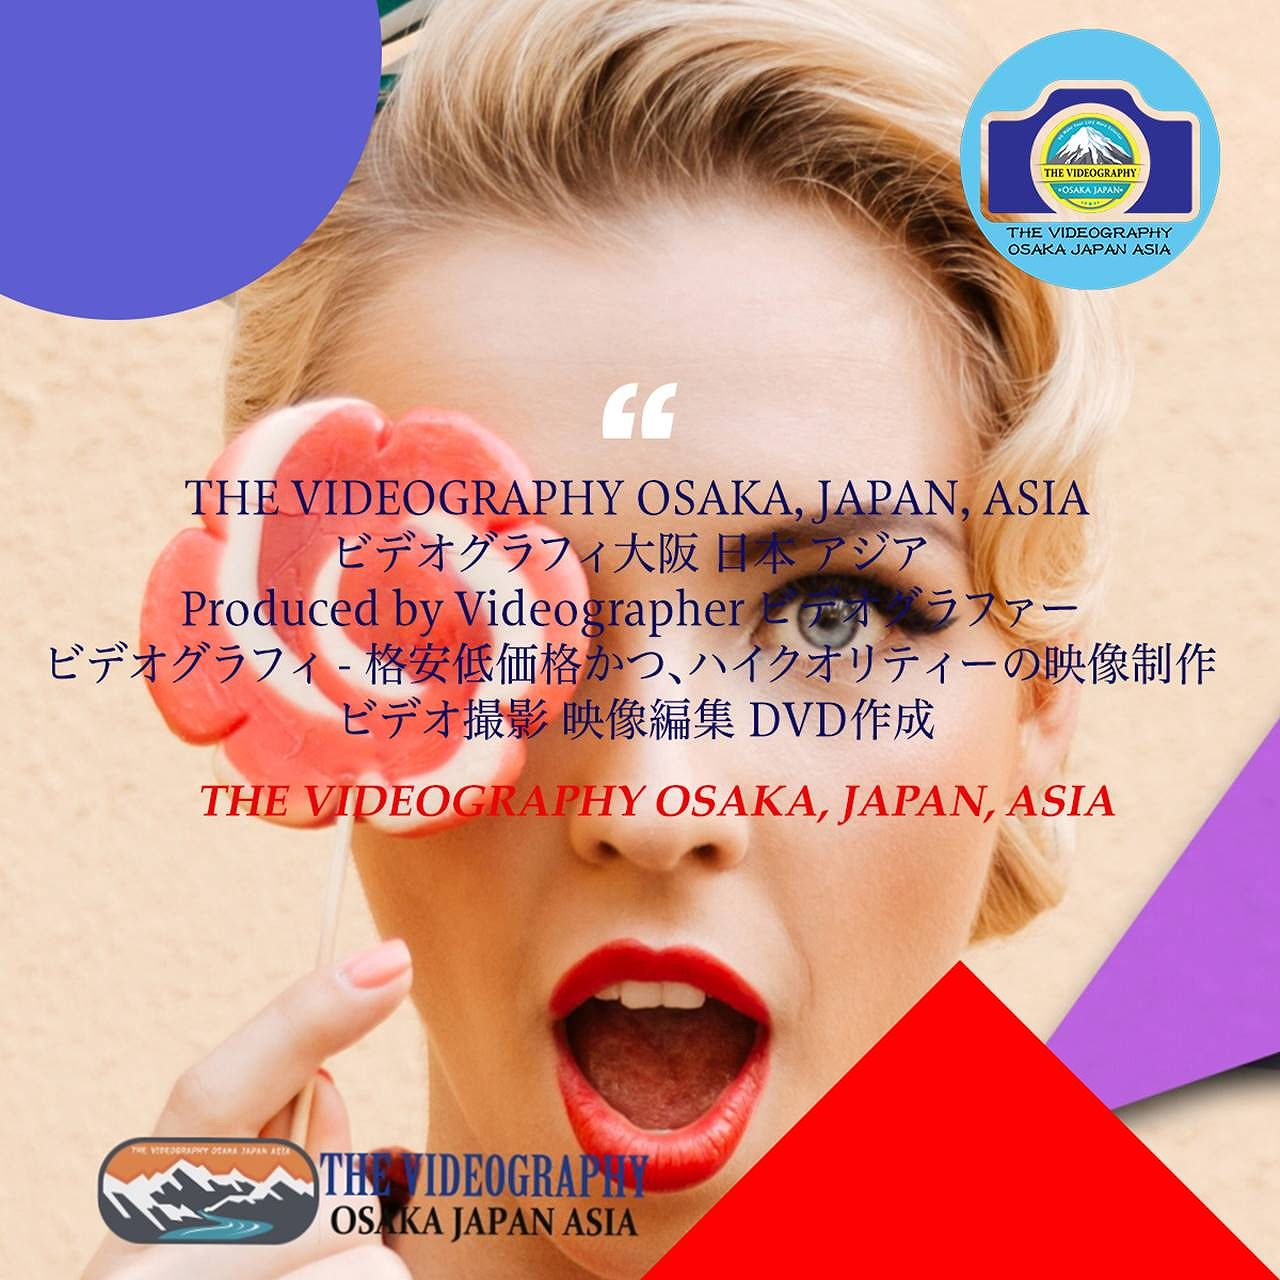 インスタグラム用写真作成 Photo for Instagram@THE VIDEOGRAPHY OSAKA